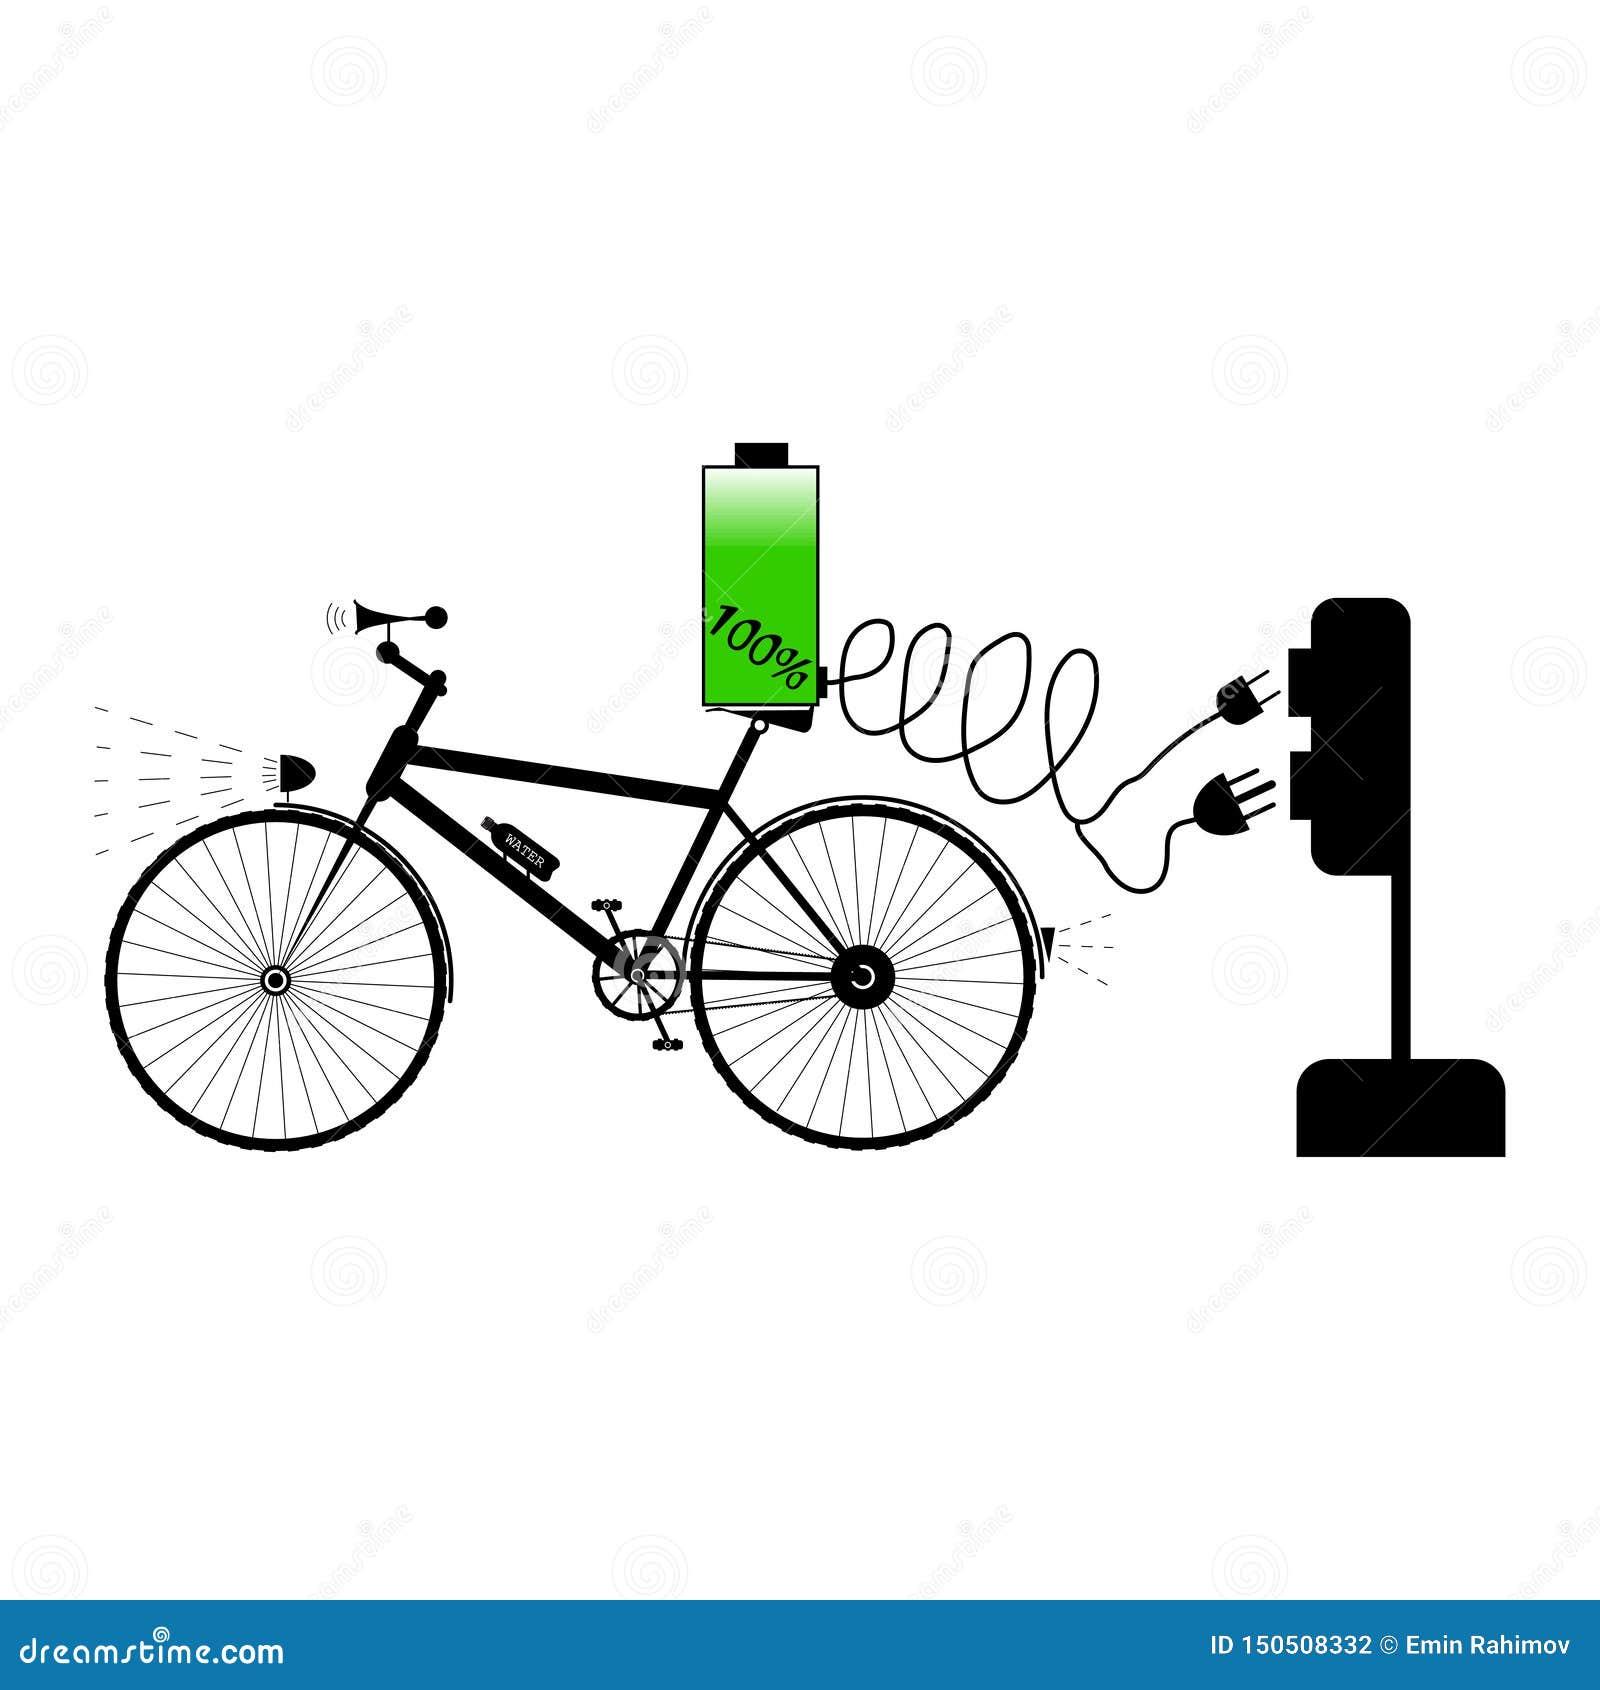 Czarny bicykl z dwa prymki i wyposażenia typem różna elektryczna ładowarka - wektorowa ilustracja